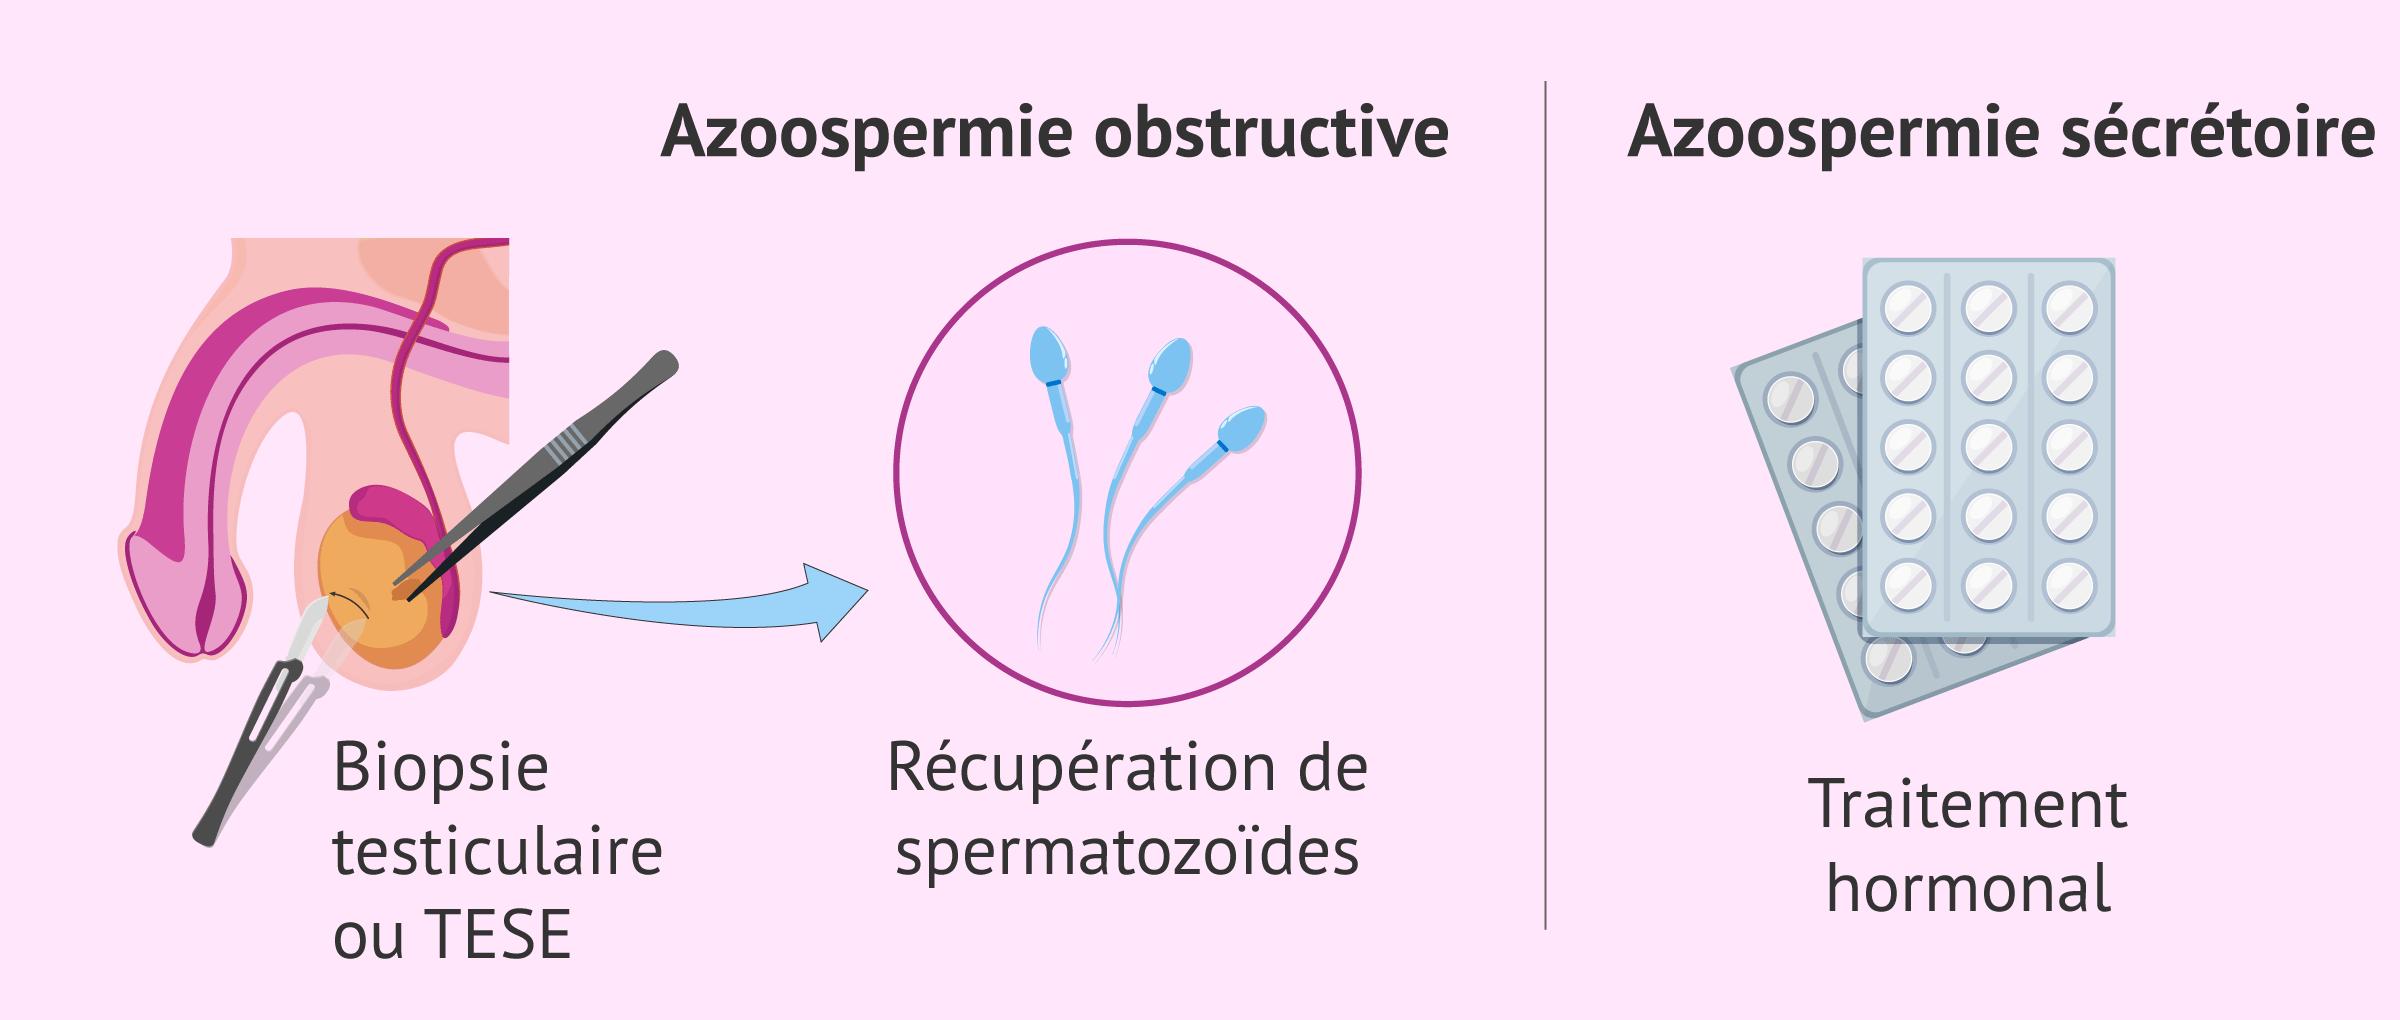 Options thérapeutiques pour l'azoospermie